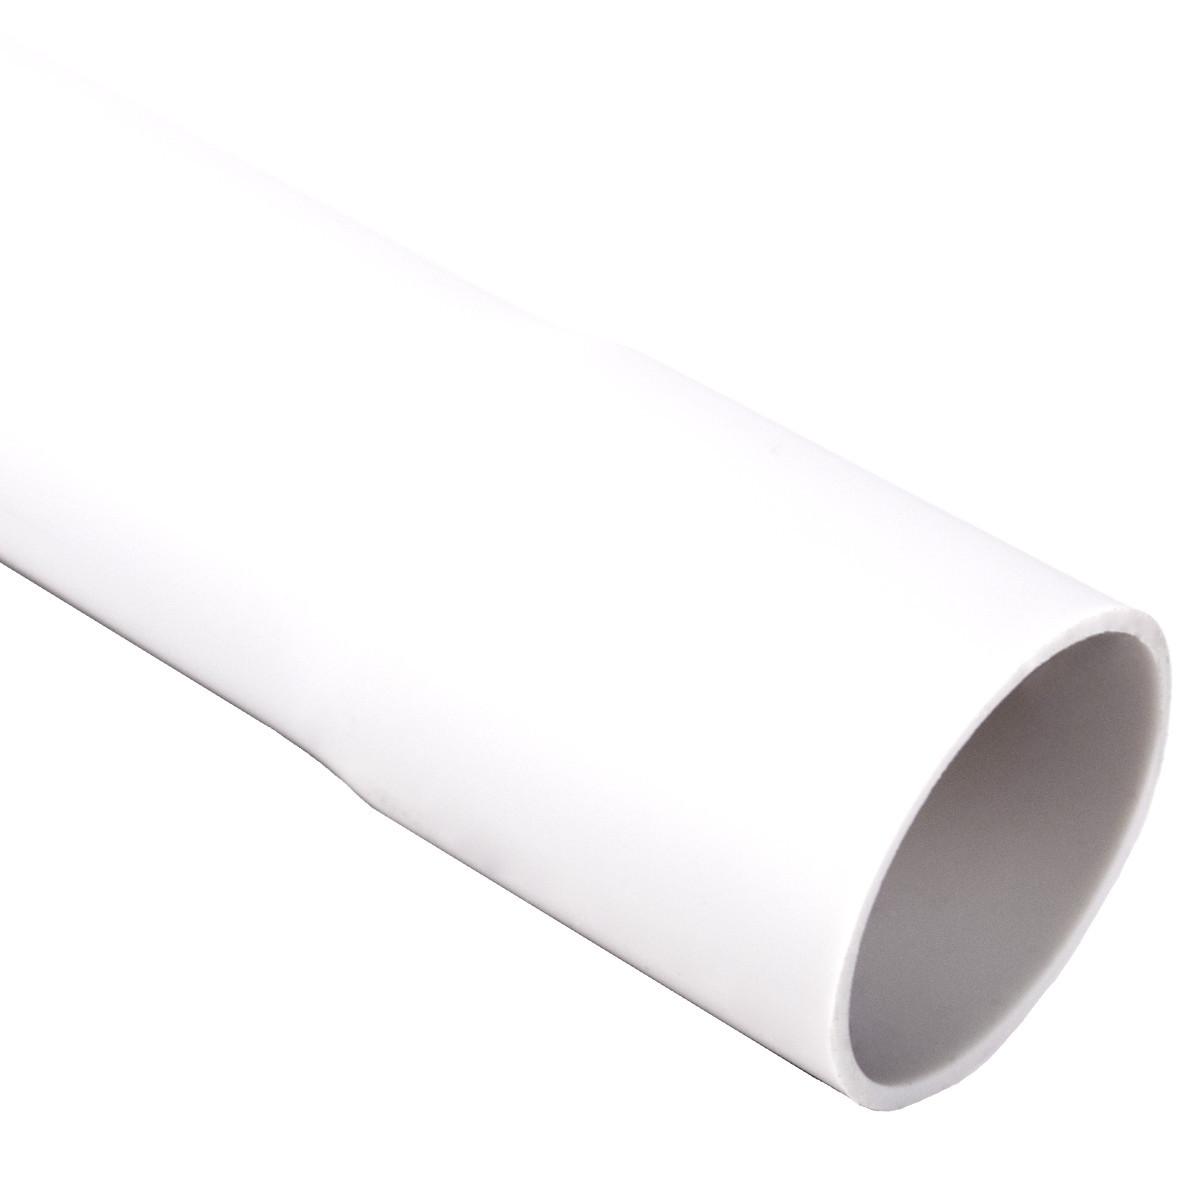 Труба жорстка 320 N/5см з раструбом для з'єднання; Ø63мм; ПВХ;; довжина 3м; t застосування -25+60 °с; біла; Упаковка 15 м